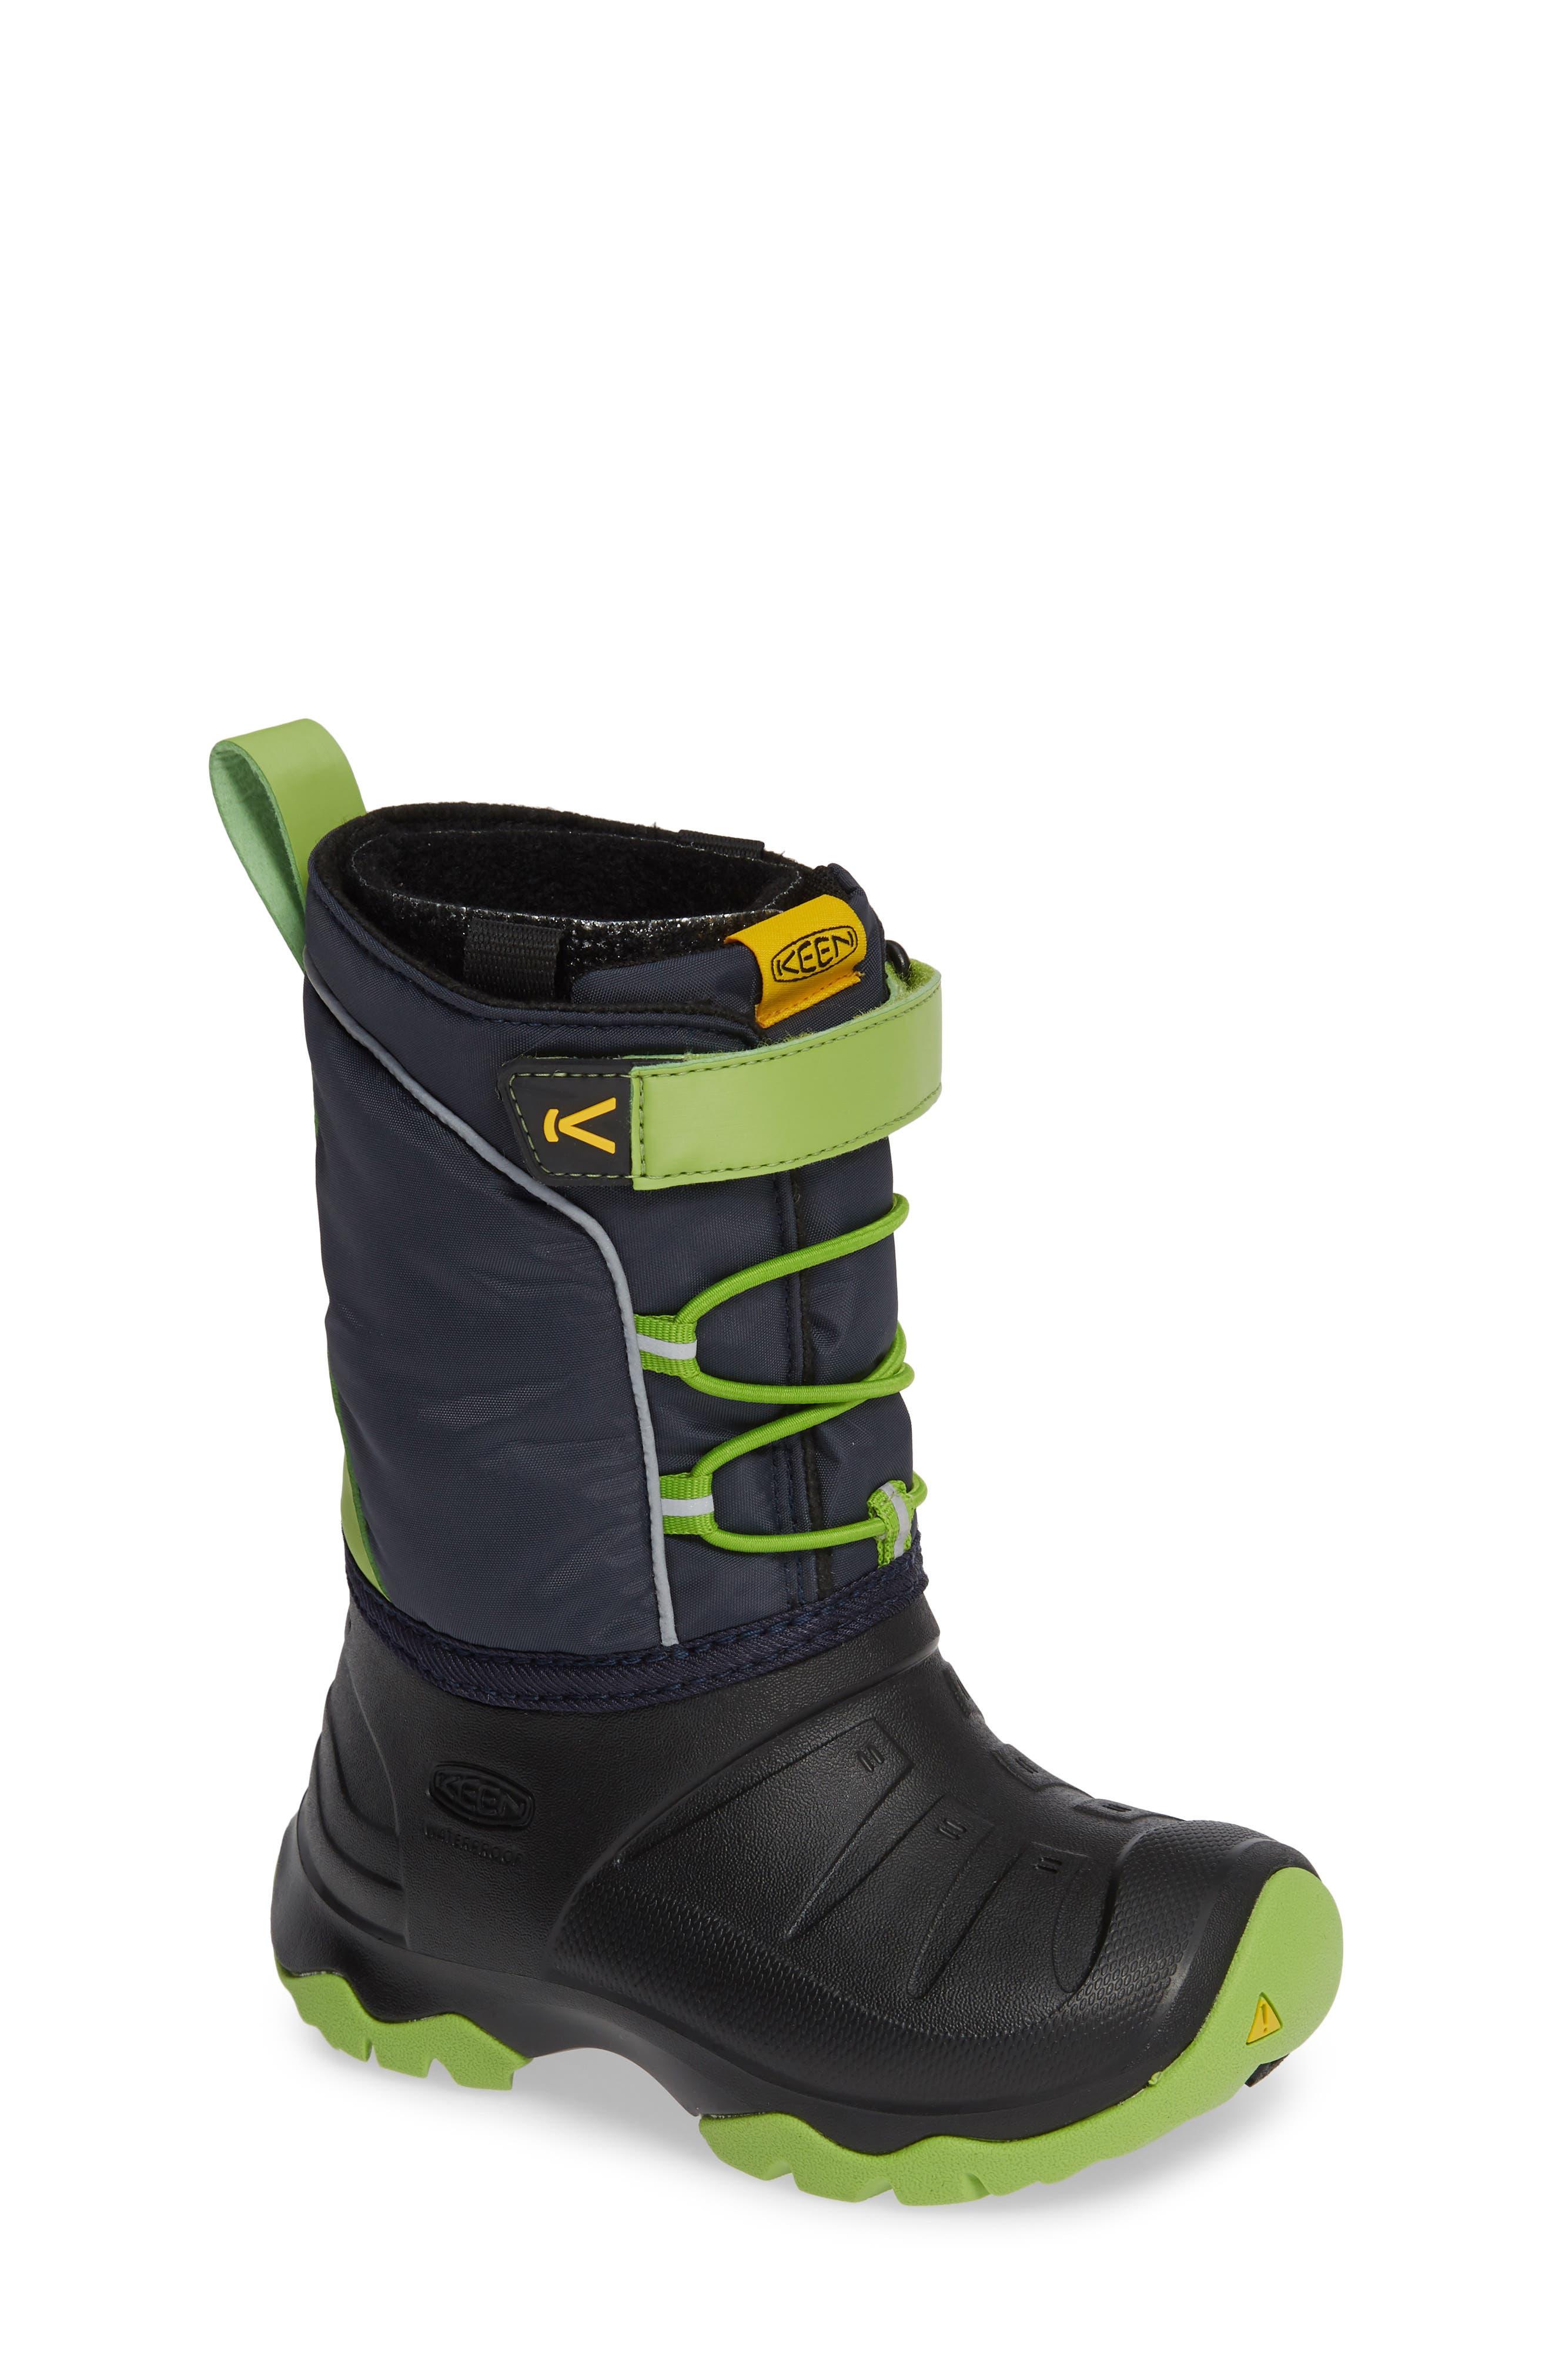 Keen Lumi Waterproof Boot